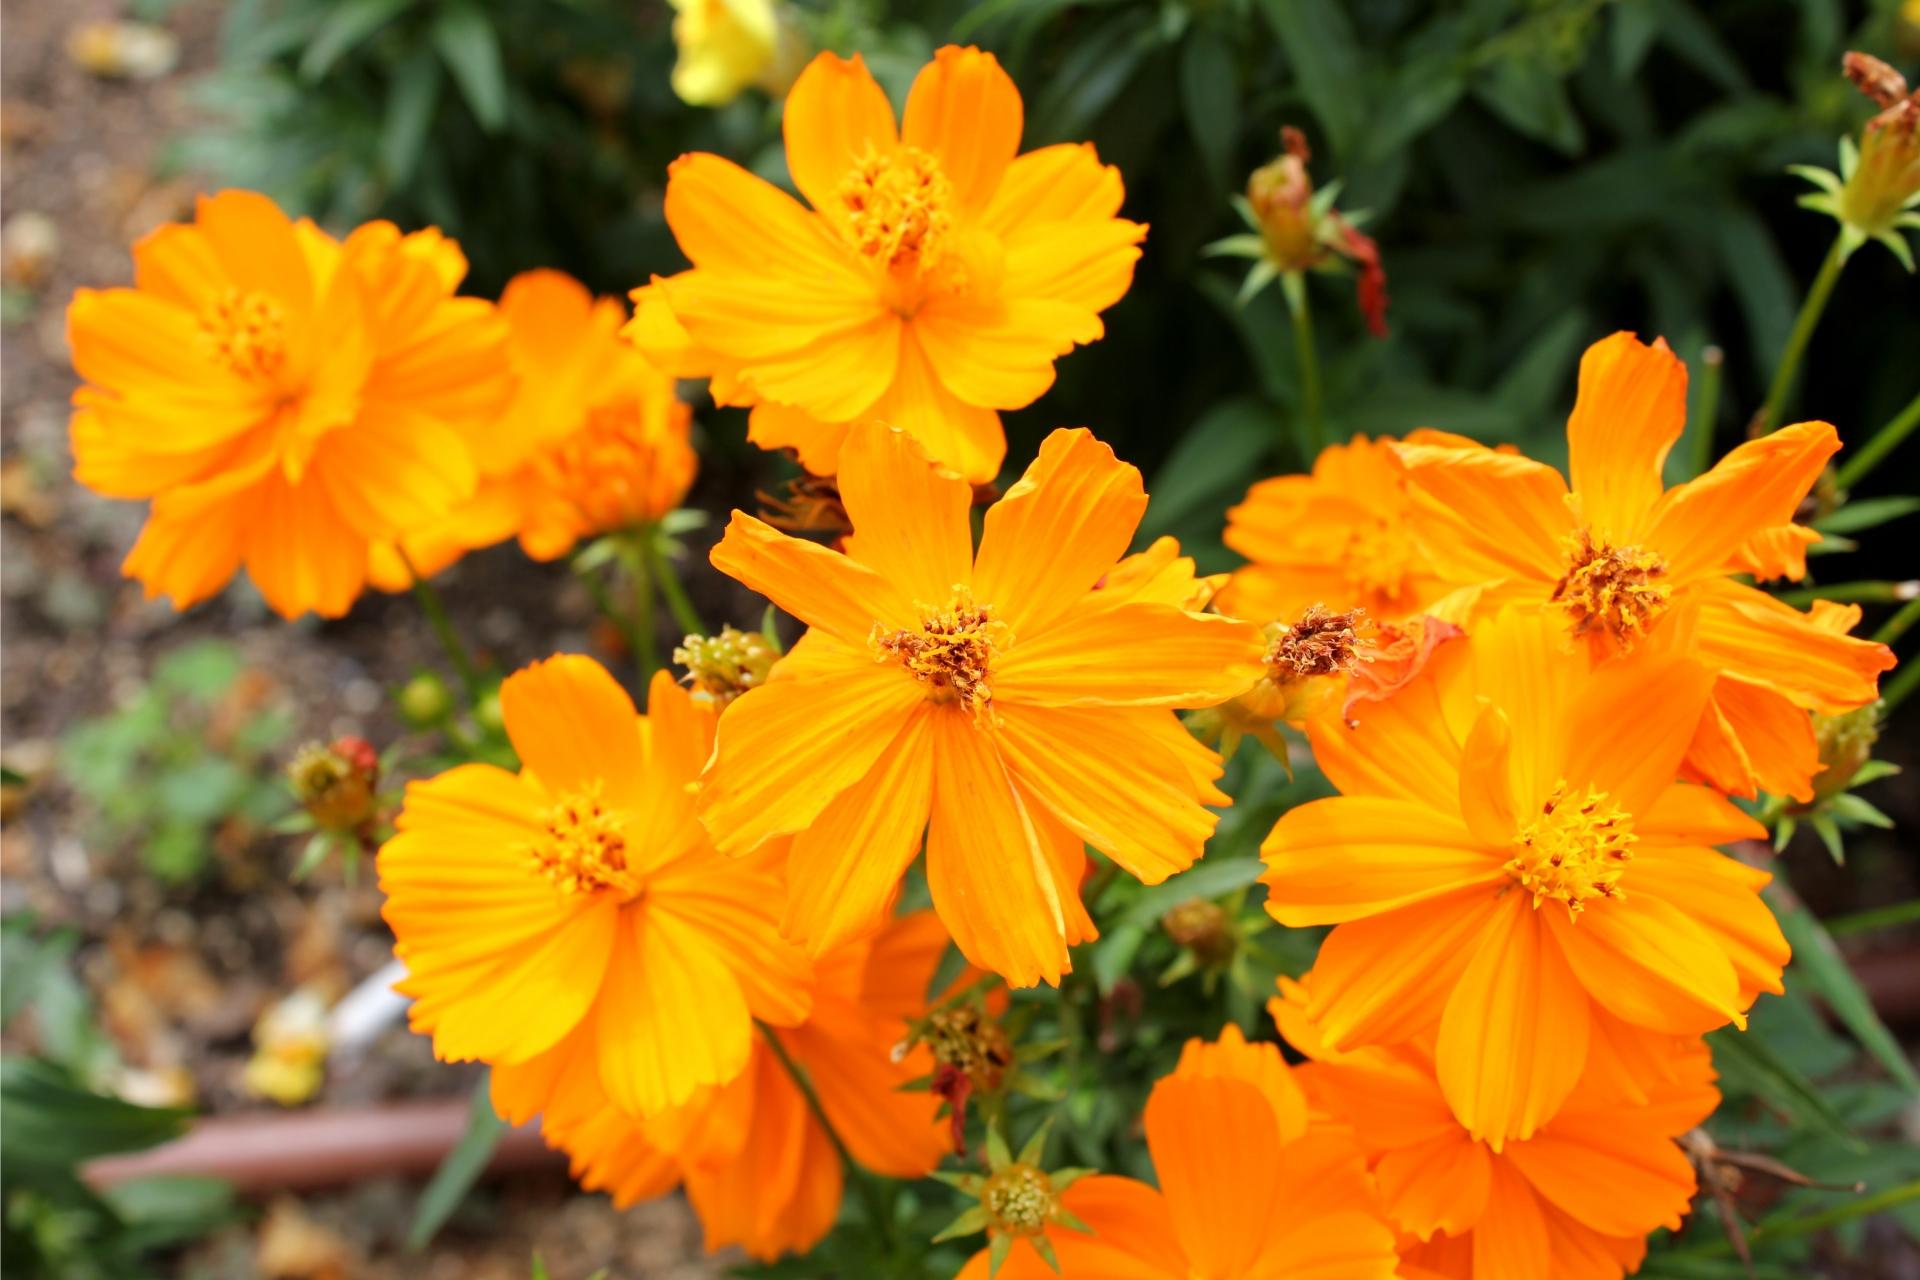 ガーデン用品屋さんの花図鑑 キバナコスモス